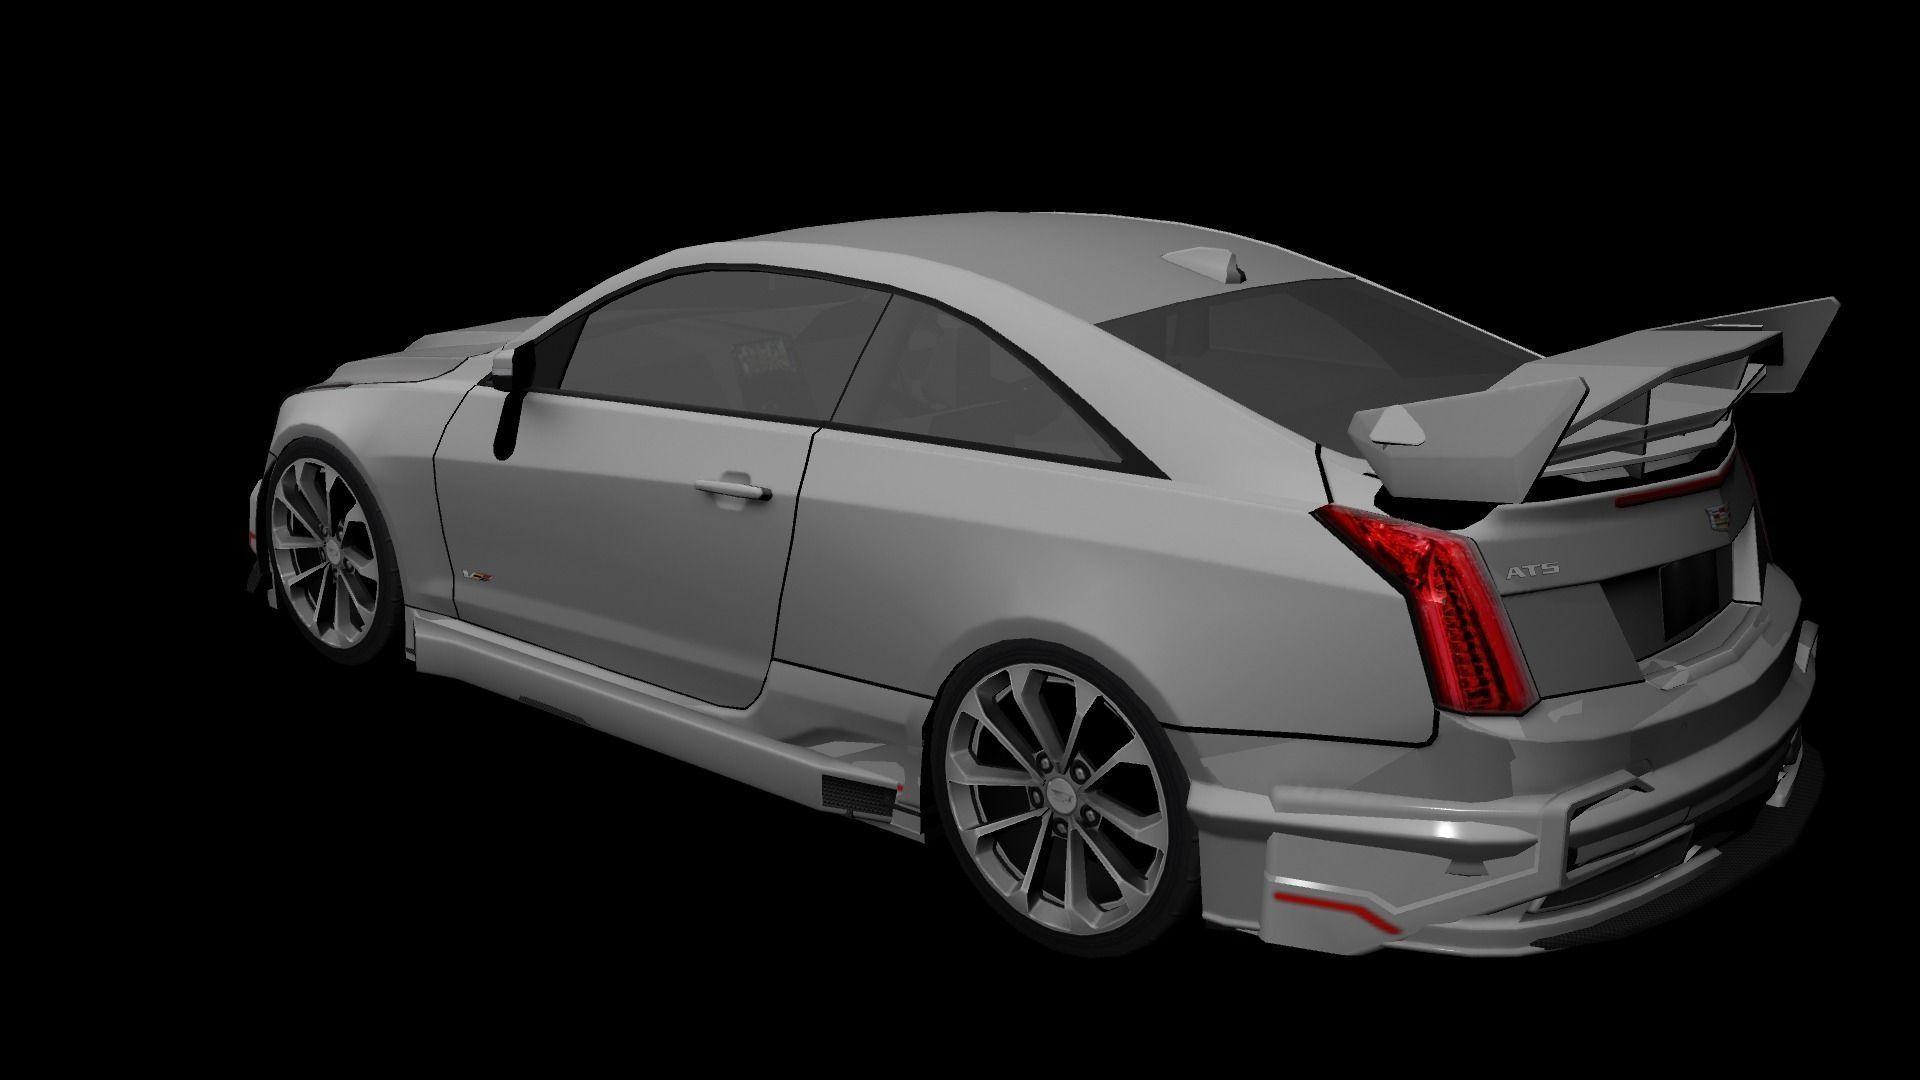 Cadillac Ats V Coupe 2016 Custom 3d Model Cgtrader